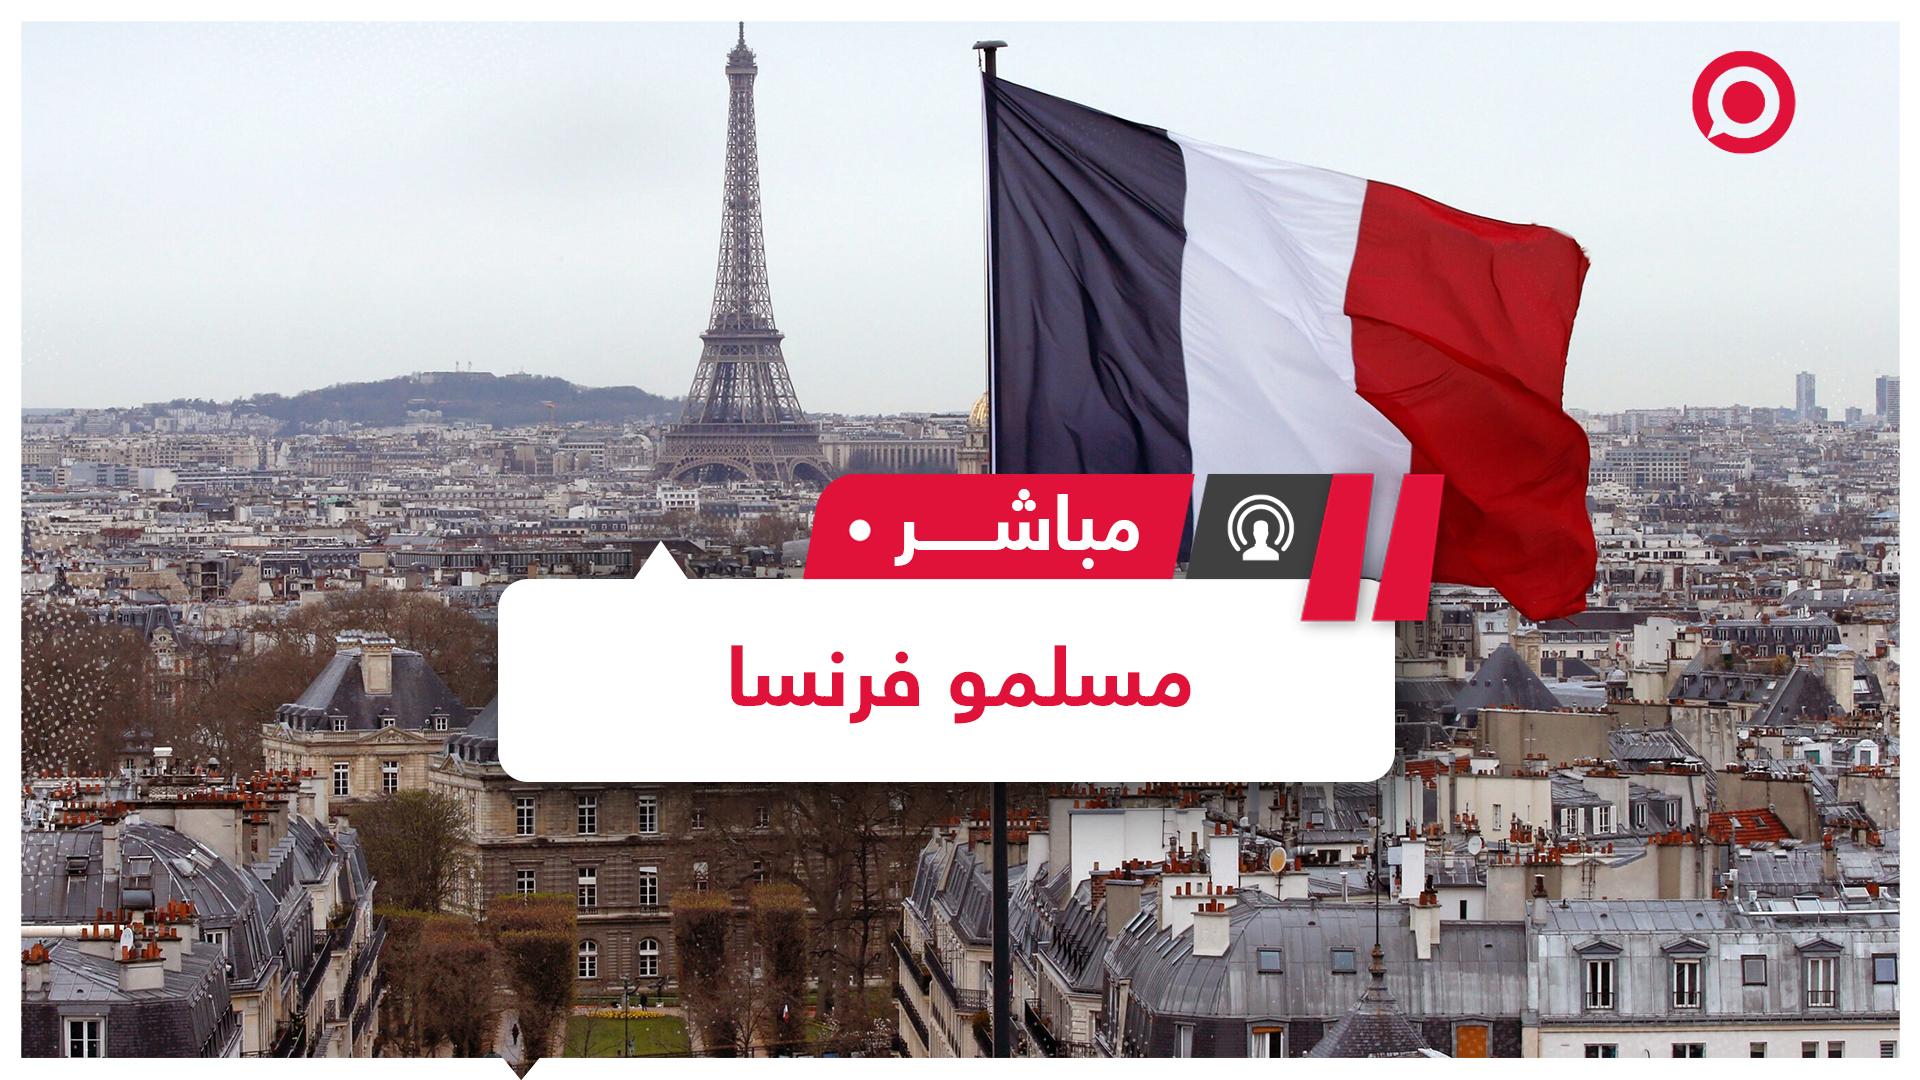 دراسة:57% من الشباب المسلم بفرنسا يرون